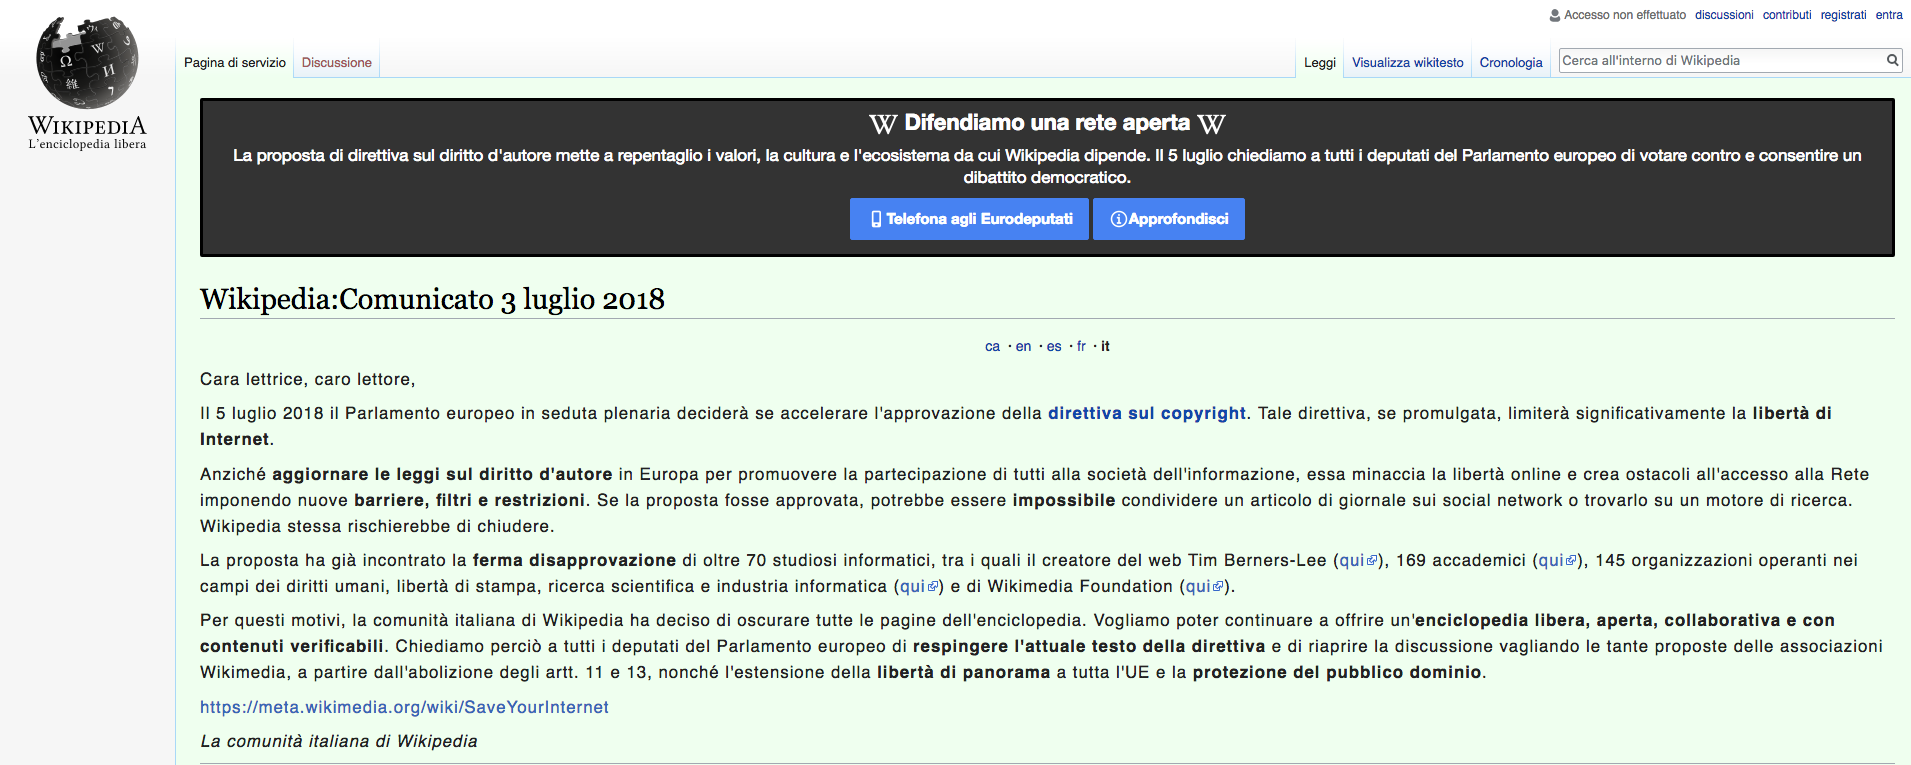 Comunicato-wikipedia